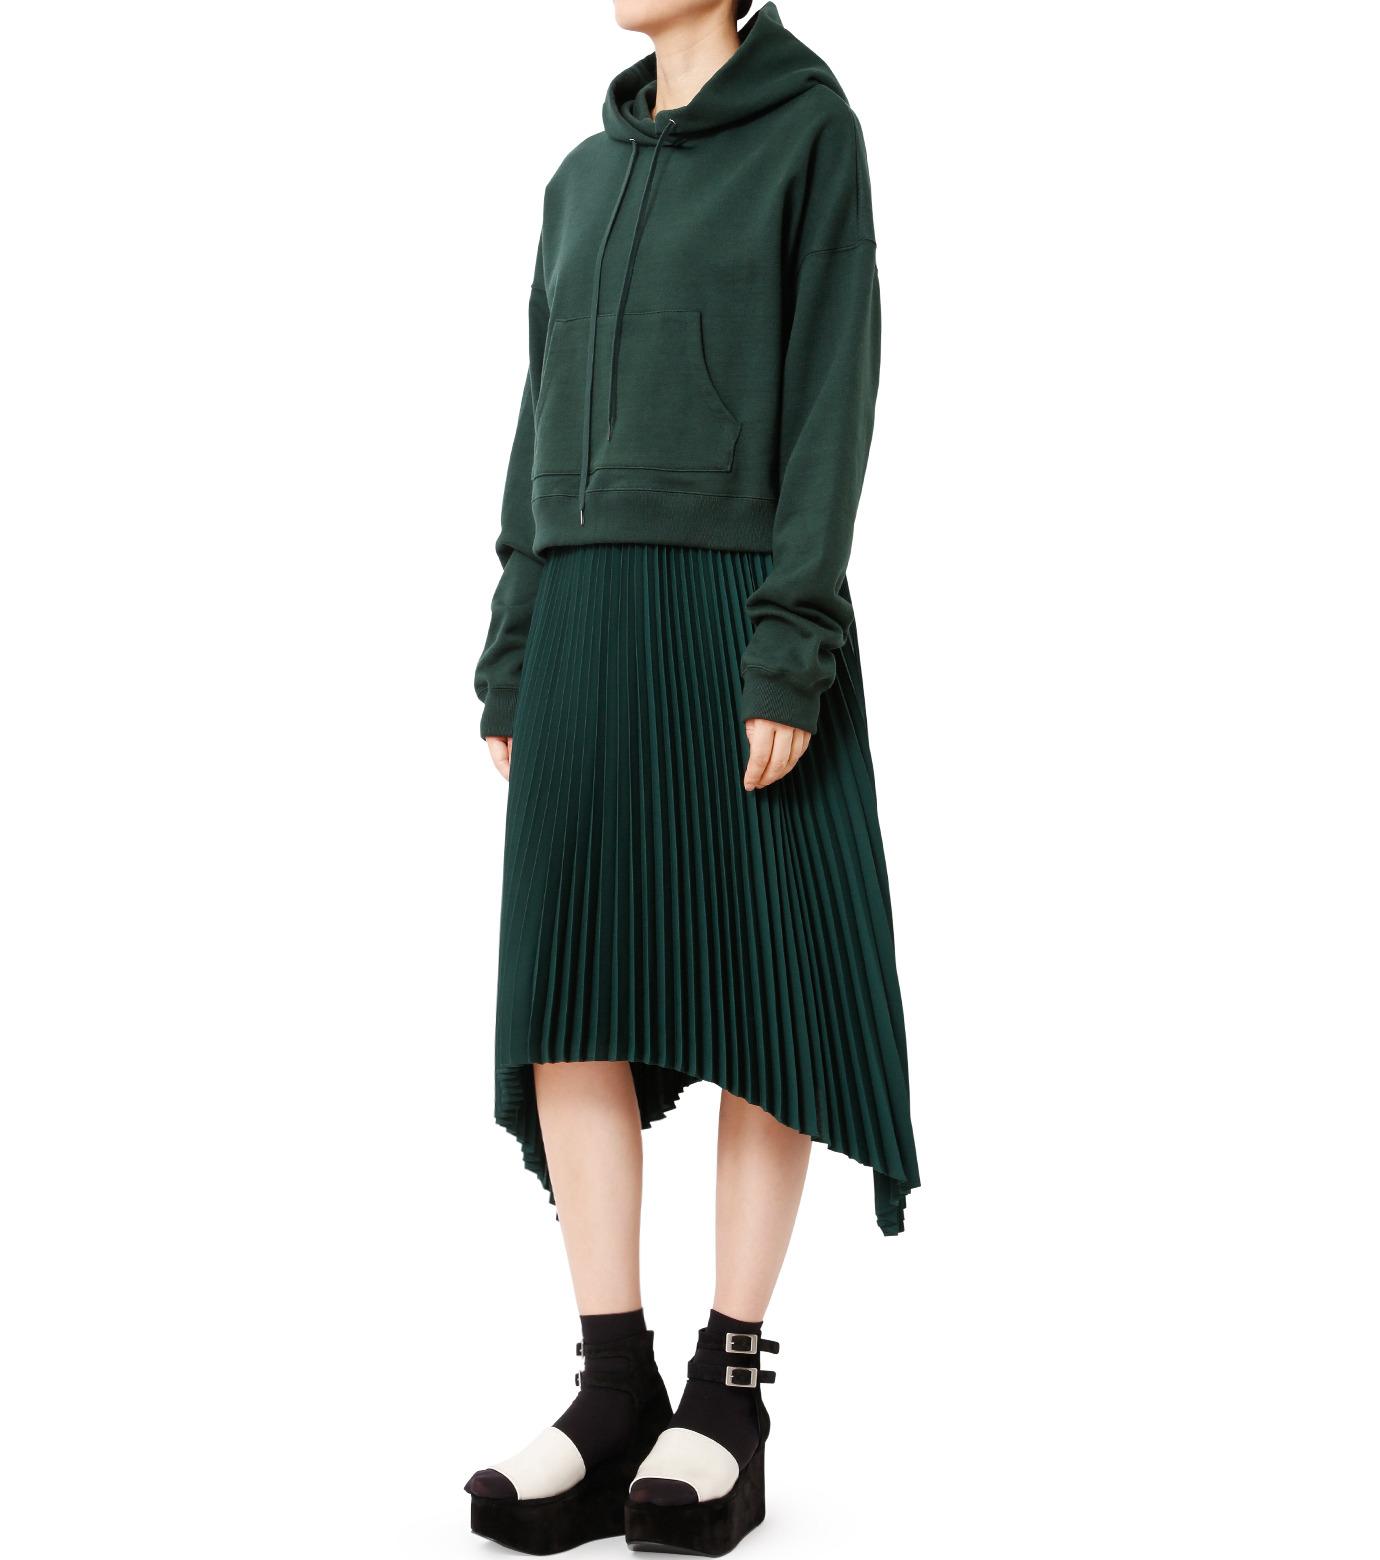 LE CIEL BLEU(ルシェルブルー)のハンカチーフヘムプリーツスカート-GREEN(スカート/skirt)-18A67423 拡大詳細画像3